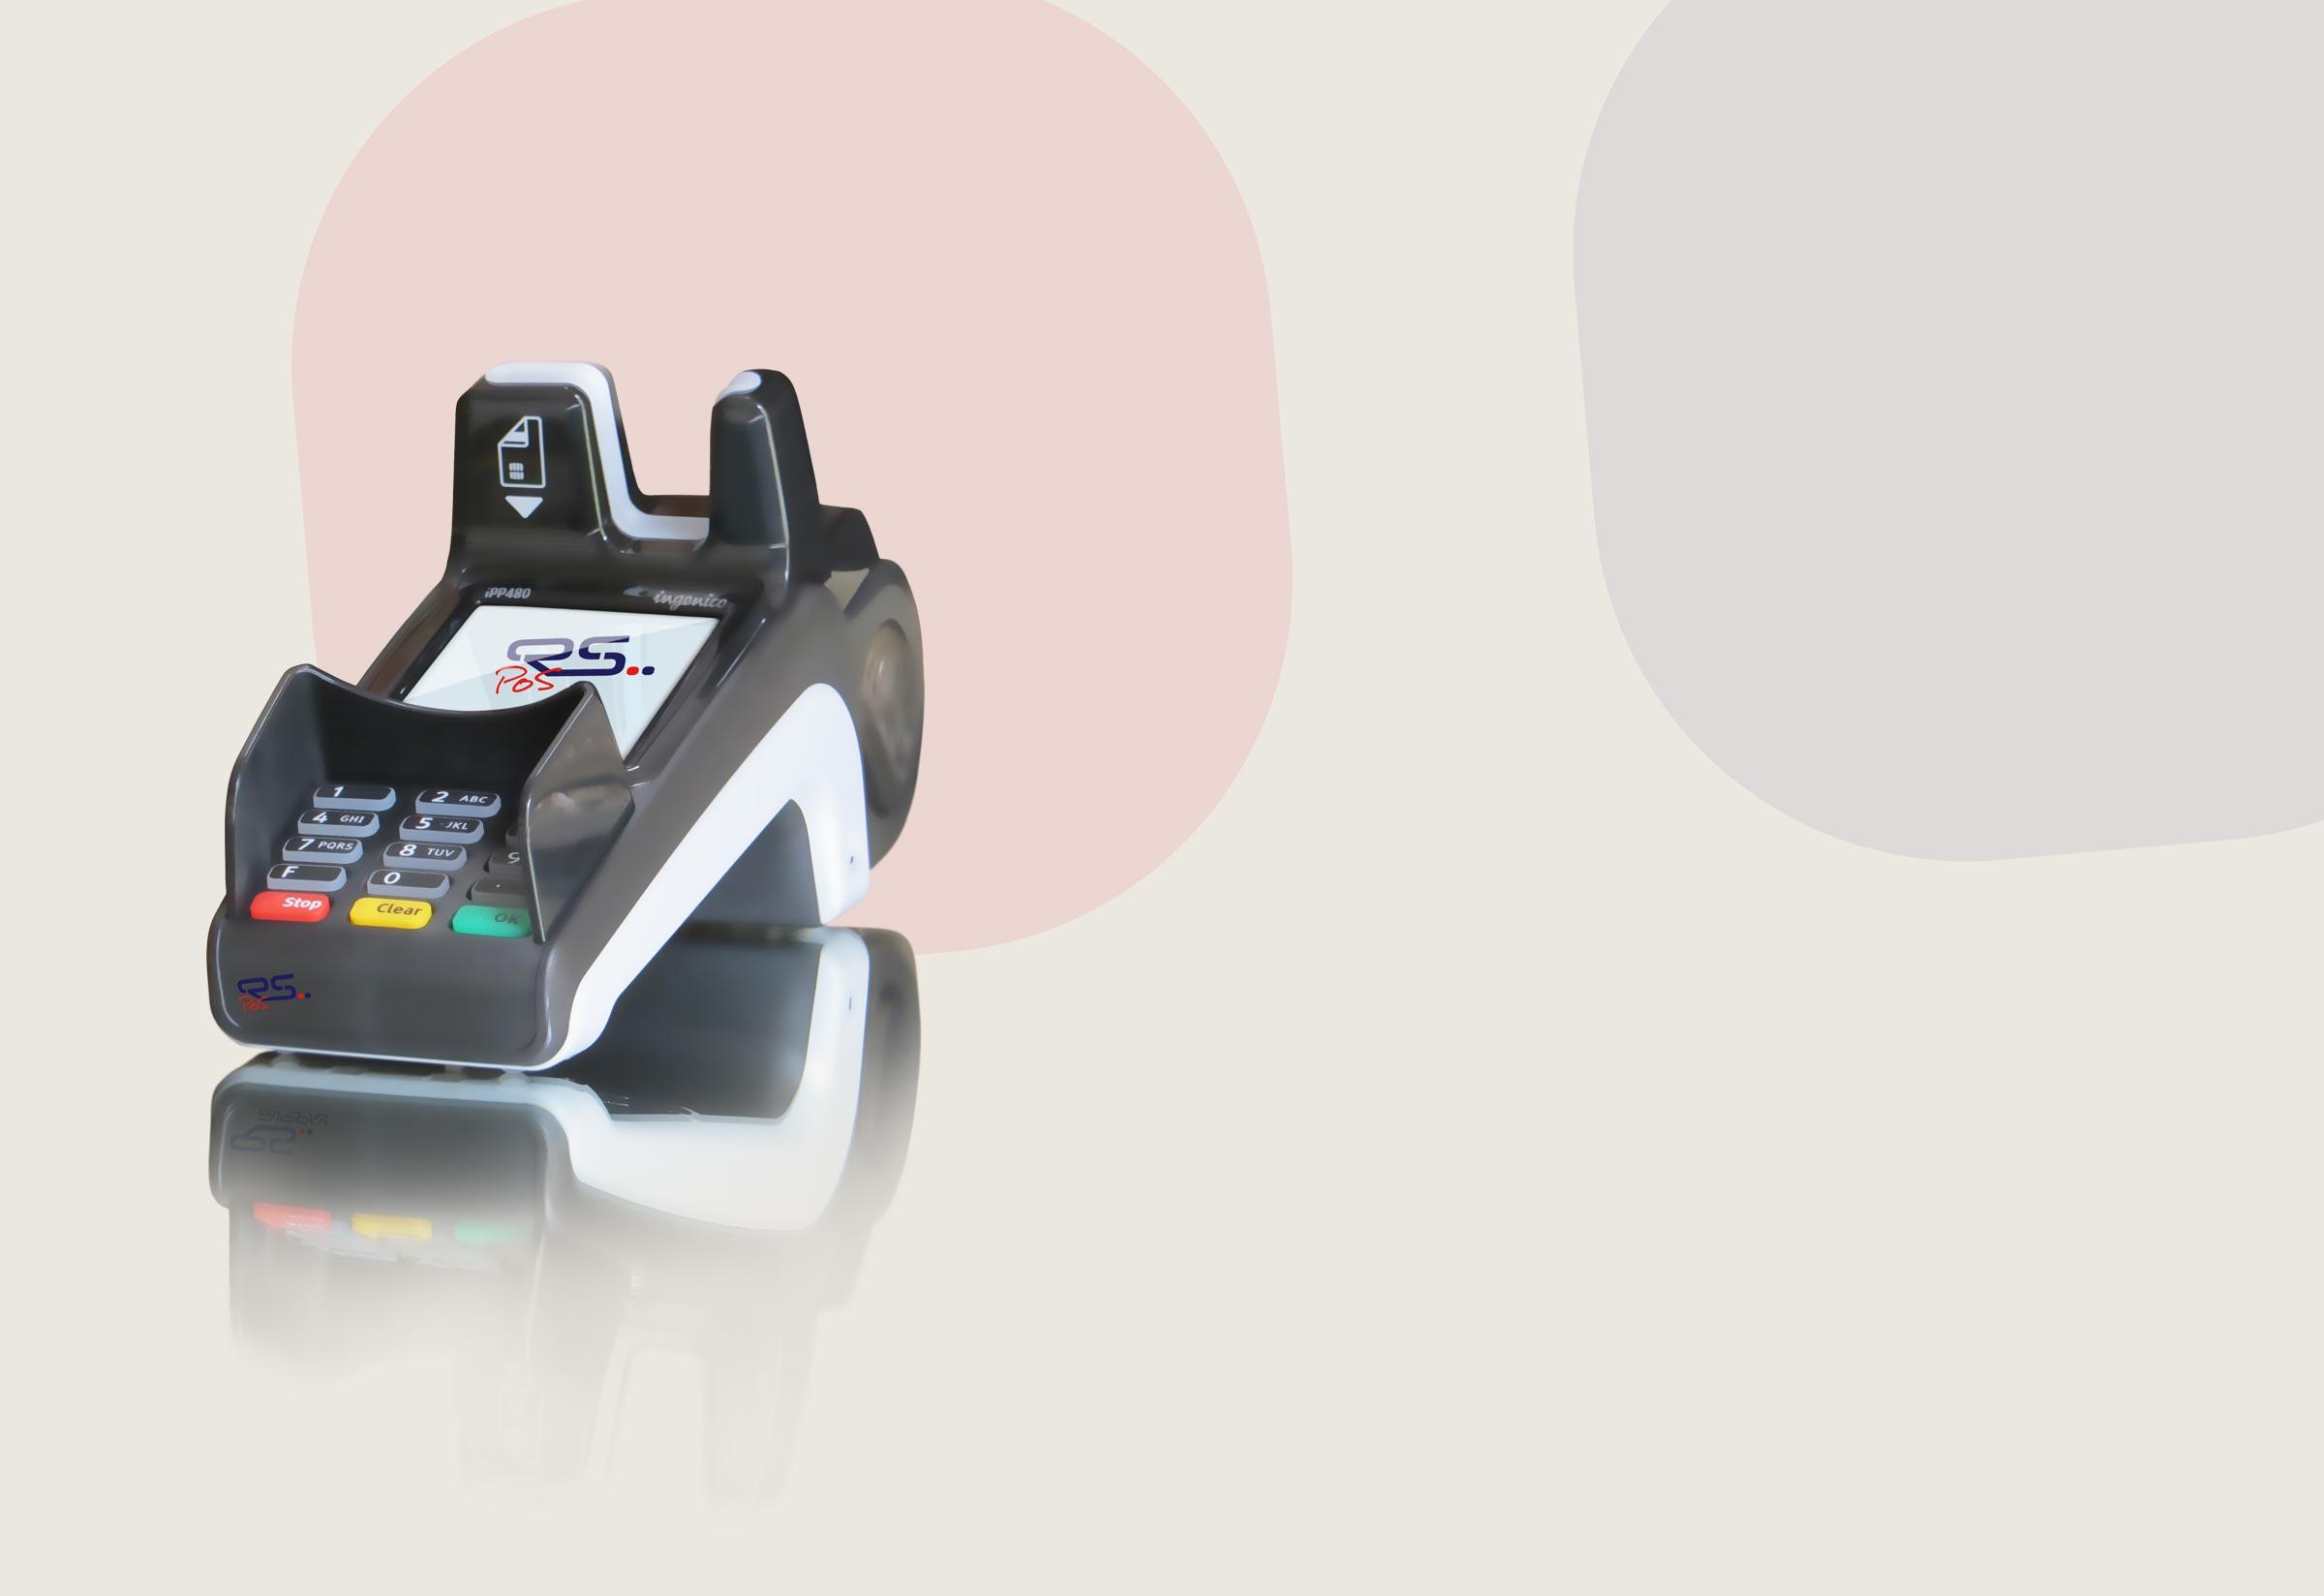 Ingenico IPP 480